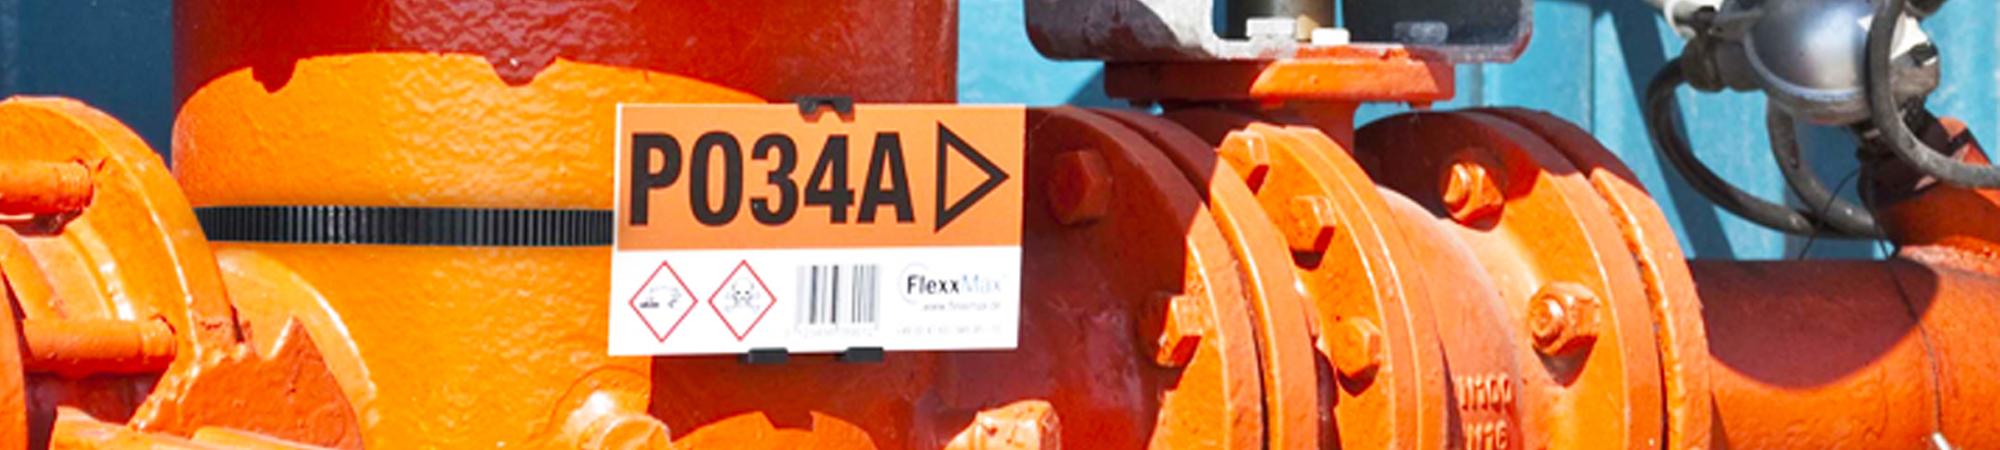 Flexxmax